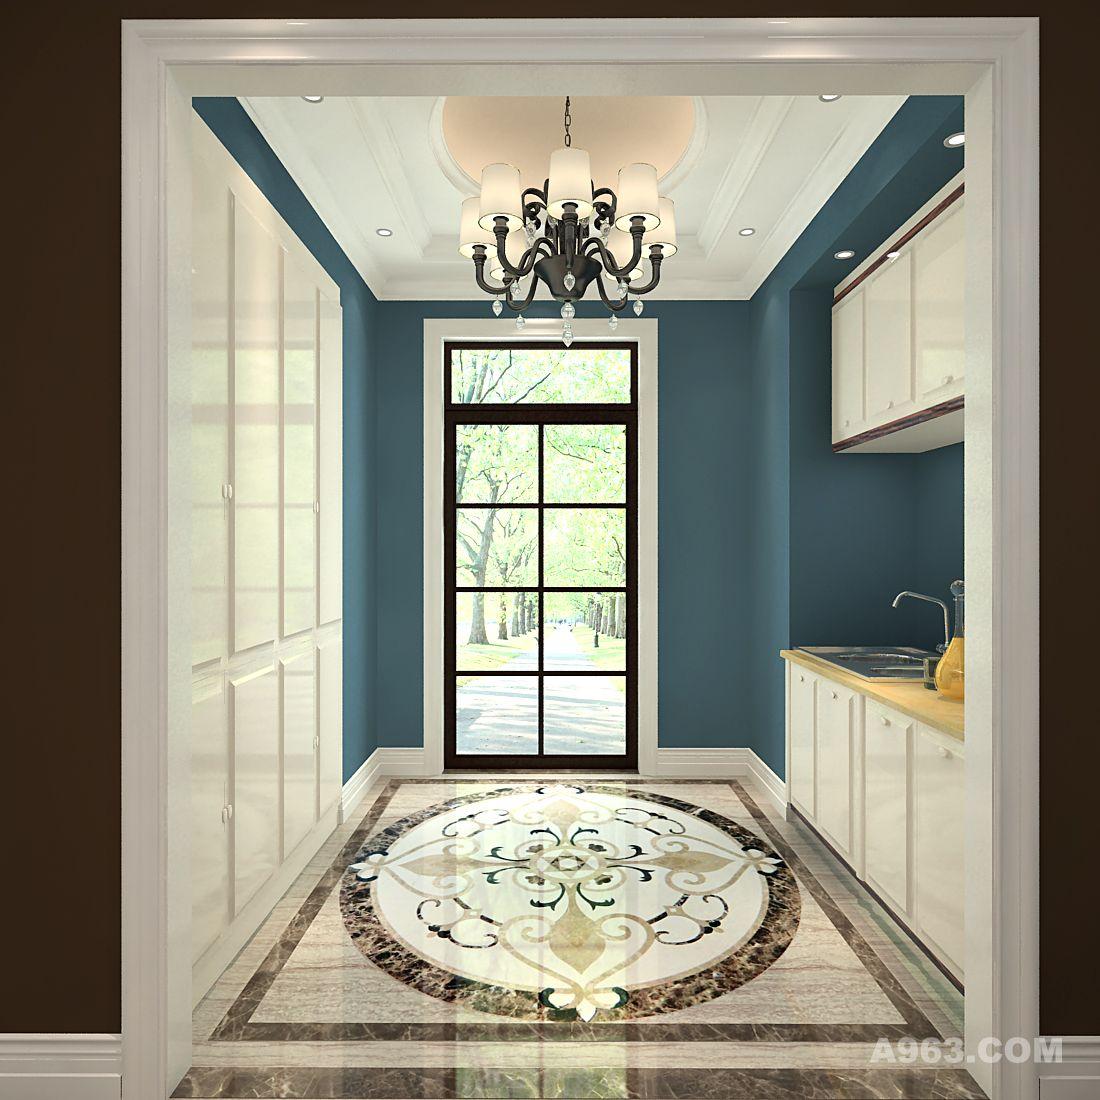 远洋傲北别墅装饰设计欧式混搭风格来自创视界品牌装饰设计说明